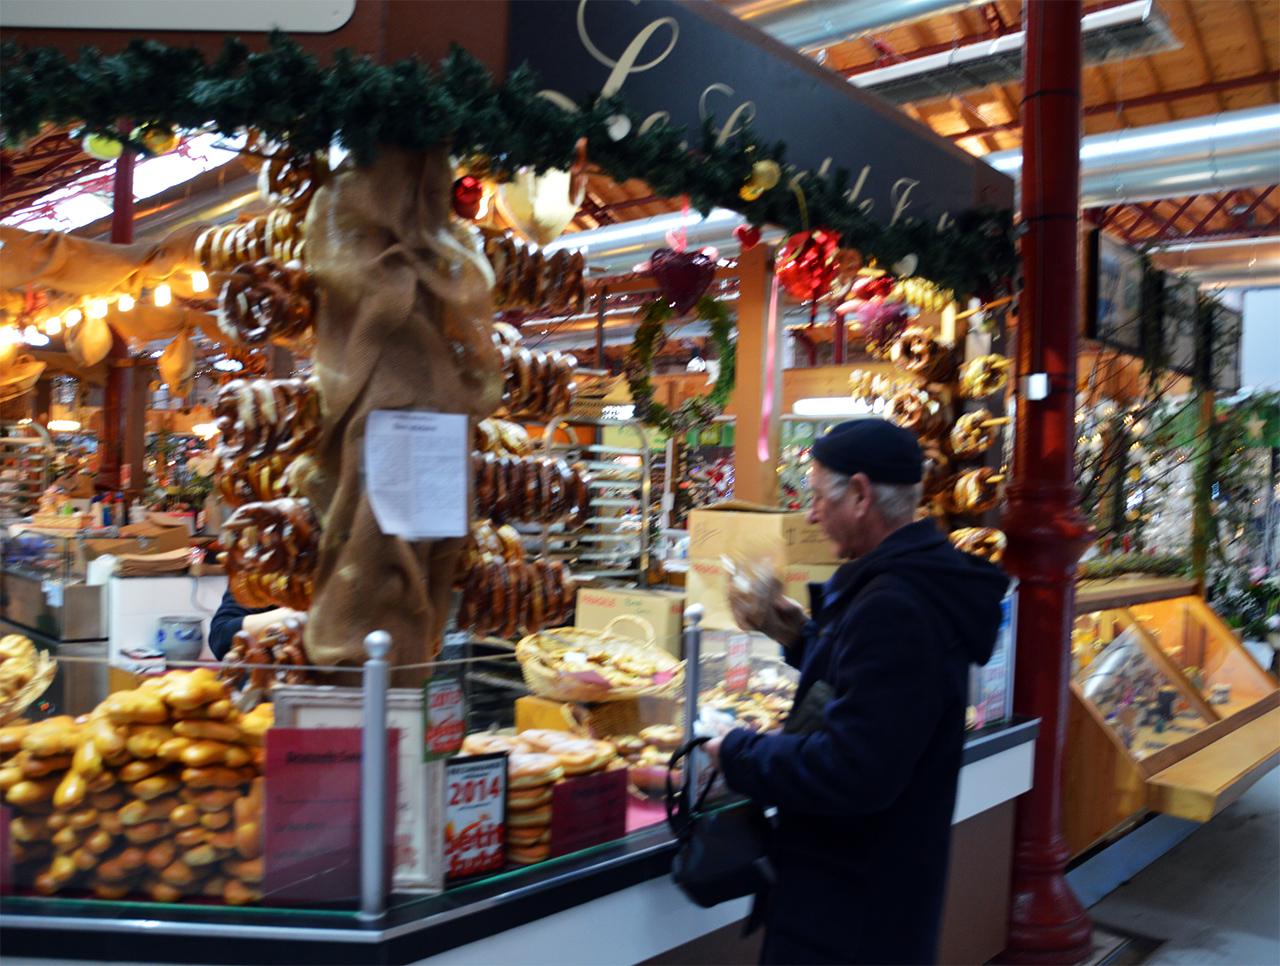 시장의 빵집.  독일 문화의 영향을 받은 알자스 지역에서는 독일의 대표 빵인 브레첼이 주식이다.